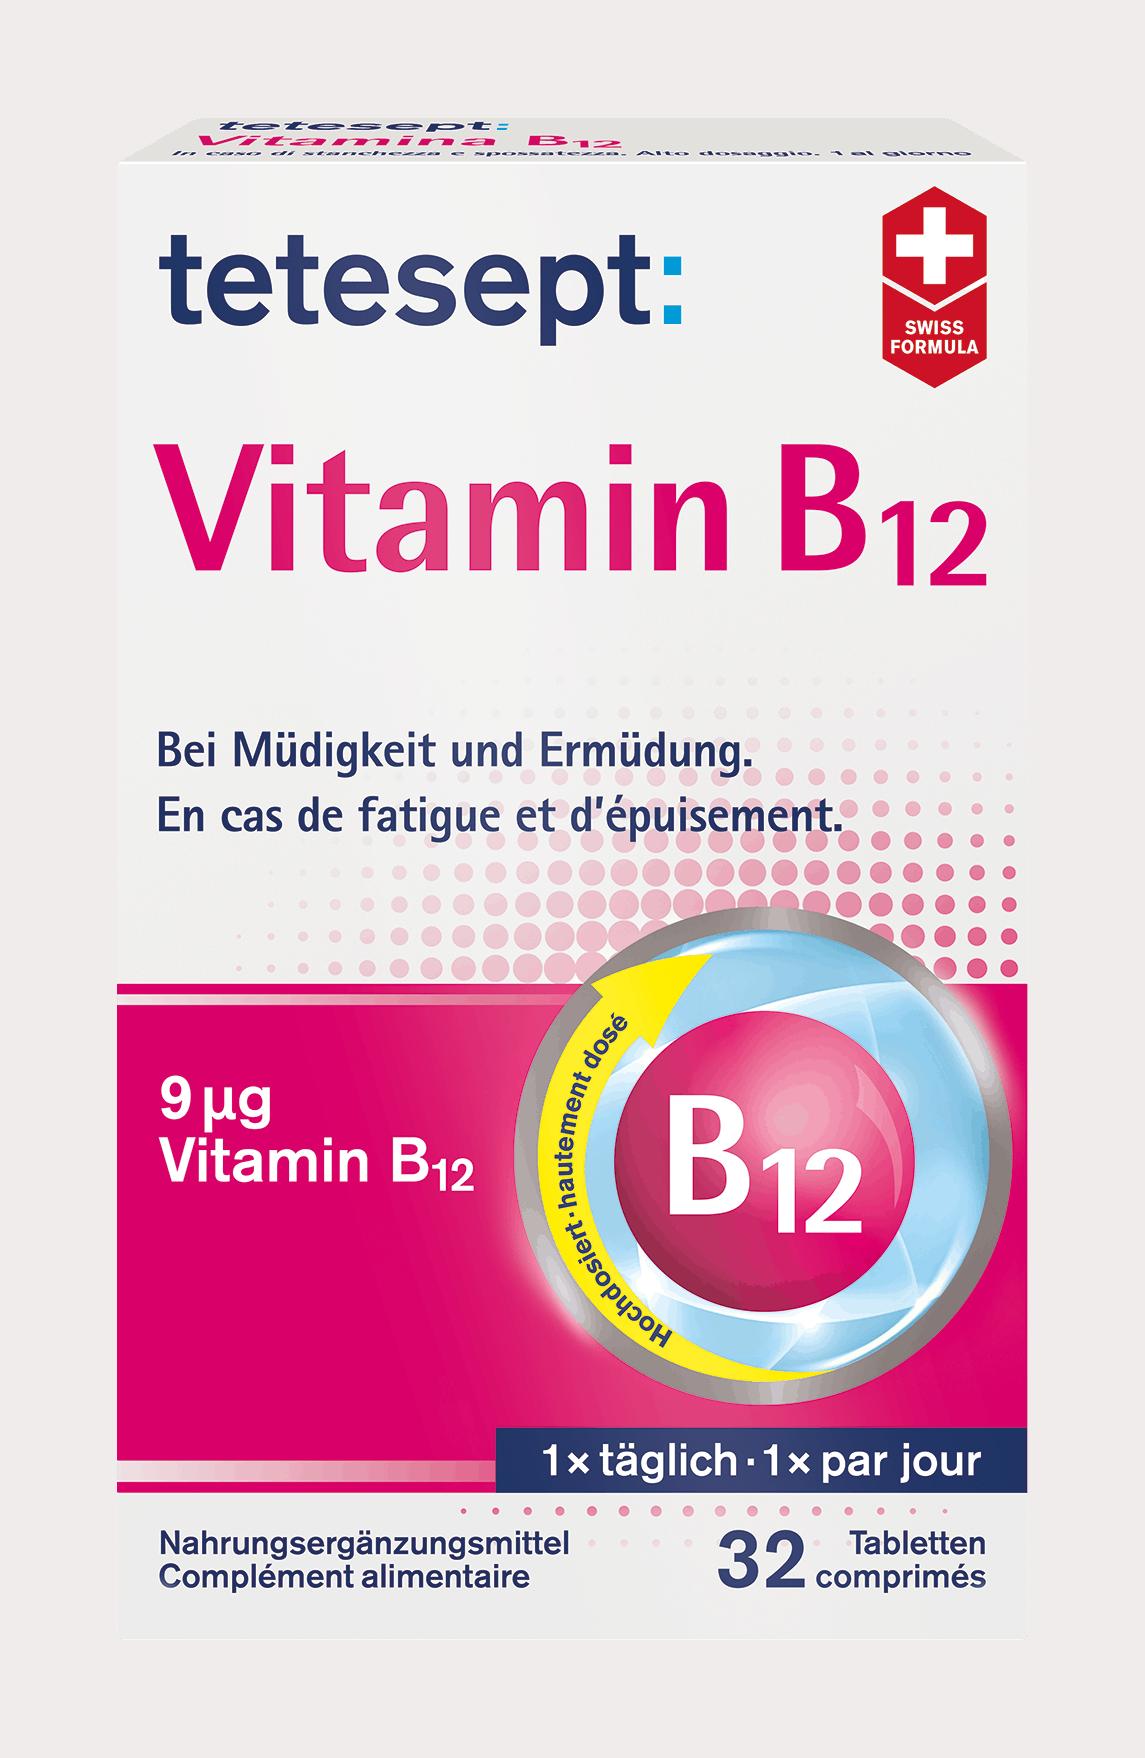 Vitamine bei müdigkeit welche Welche Vitamine